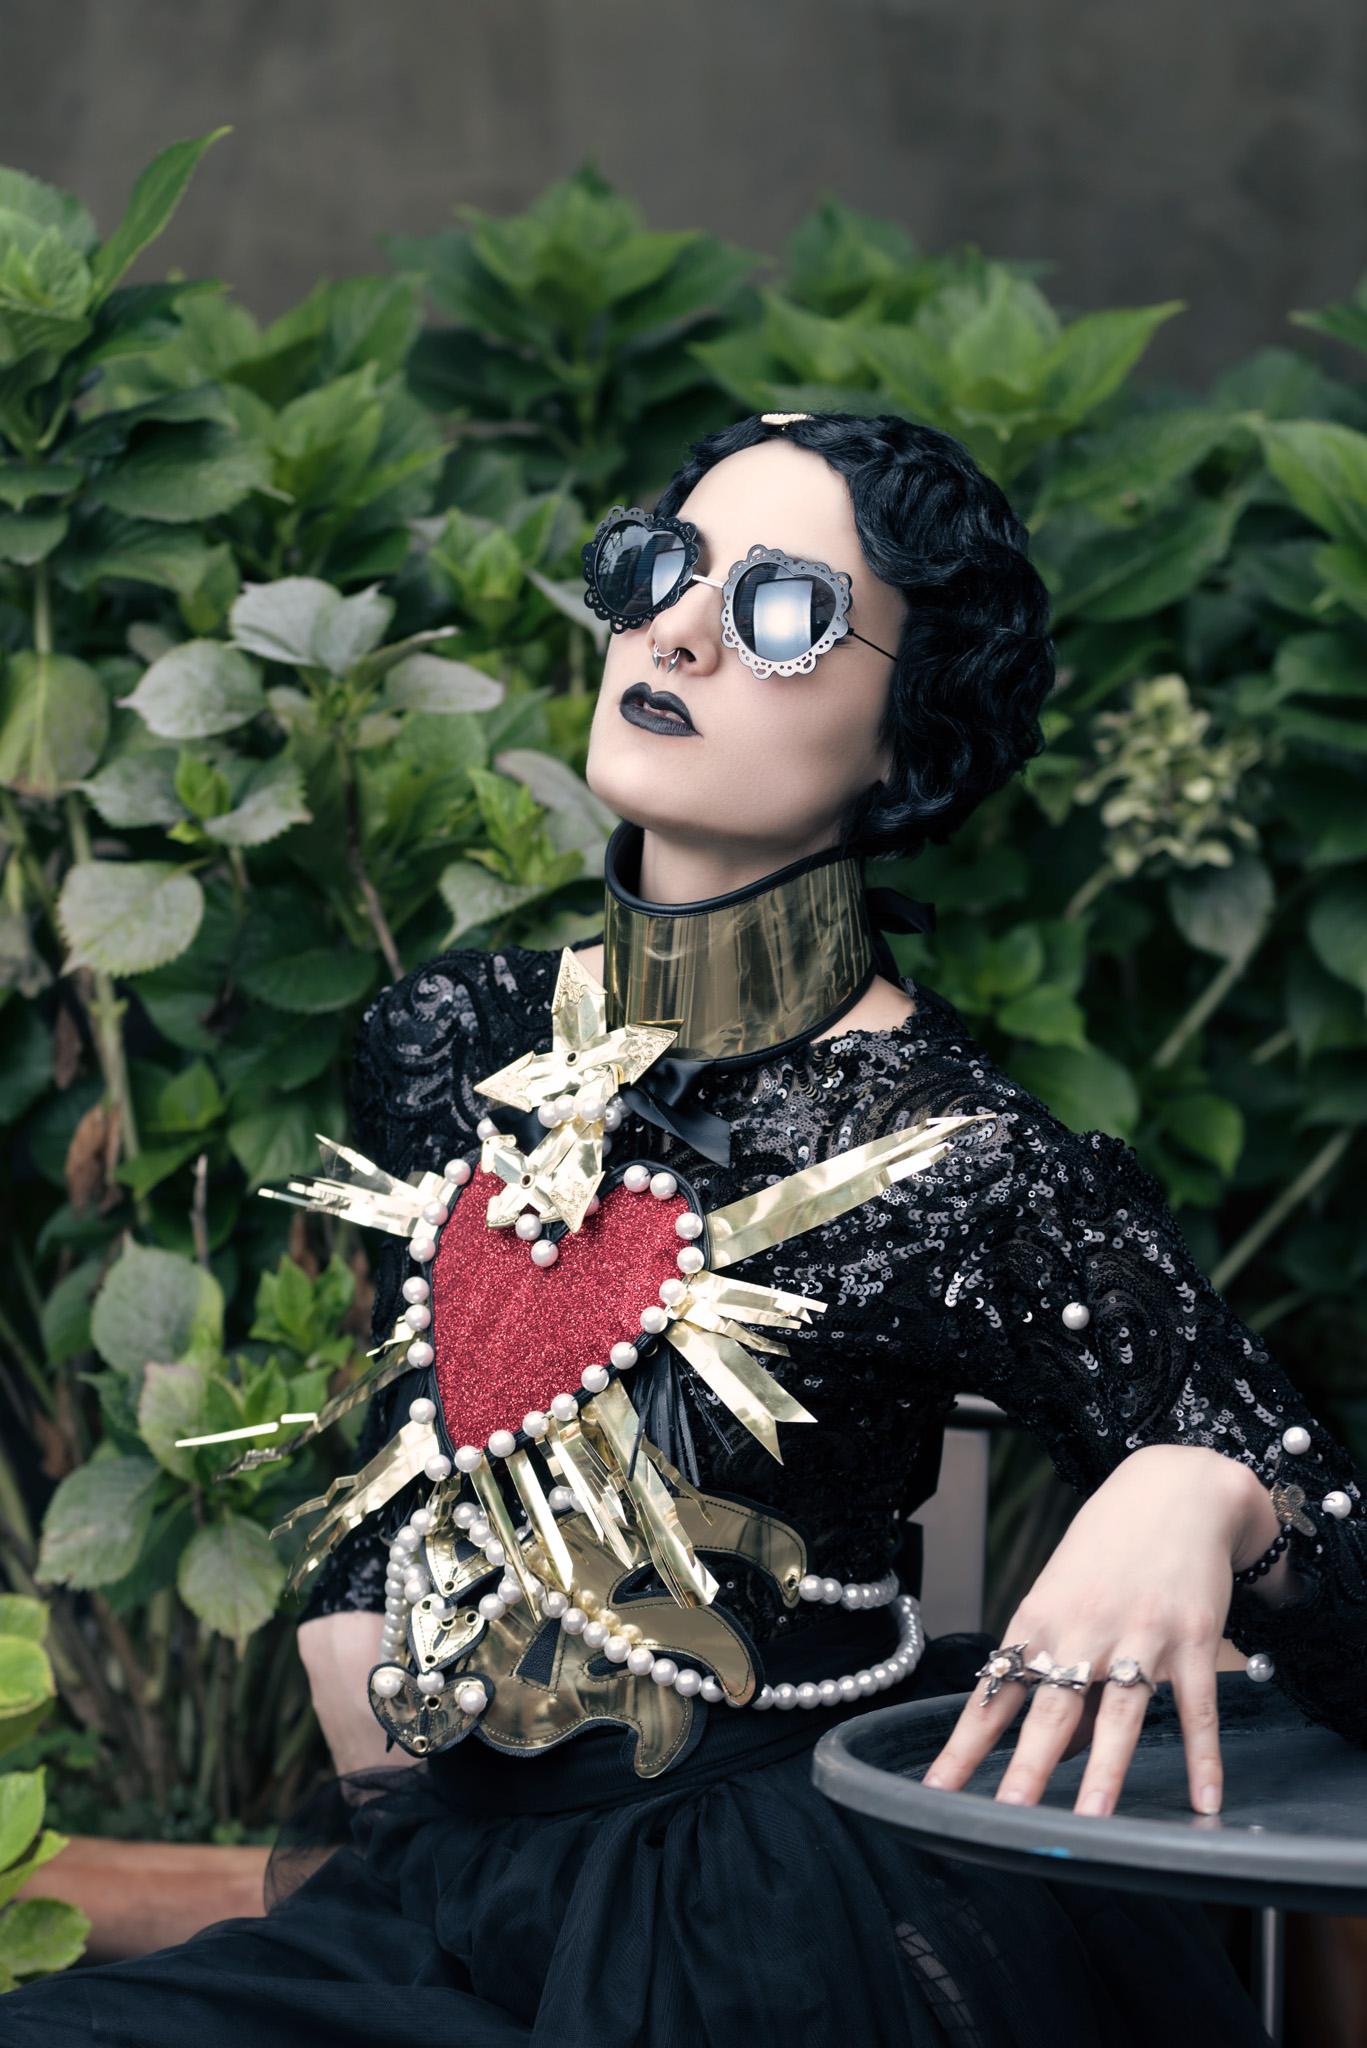 greenville-commercial-fashion-photographer-jorge-gonzalez-alexandra-le-cann-2